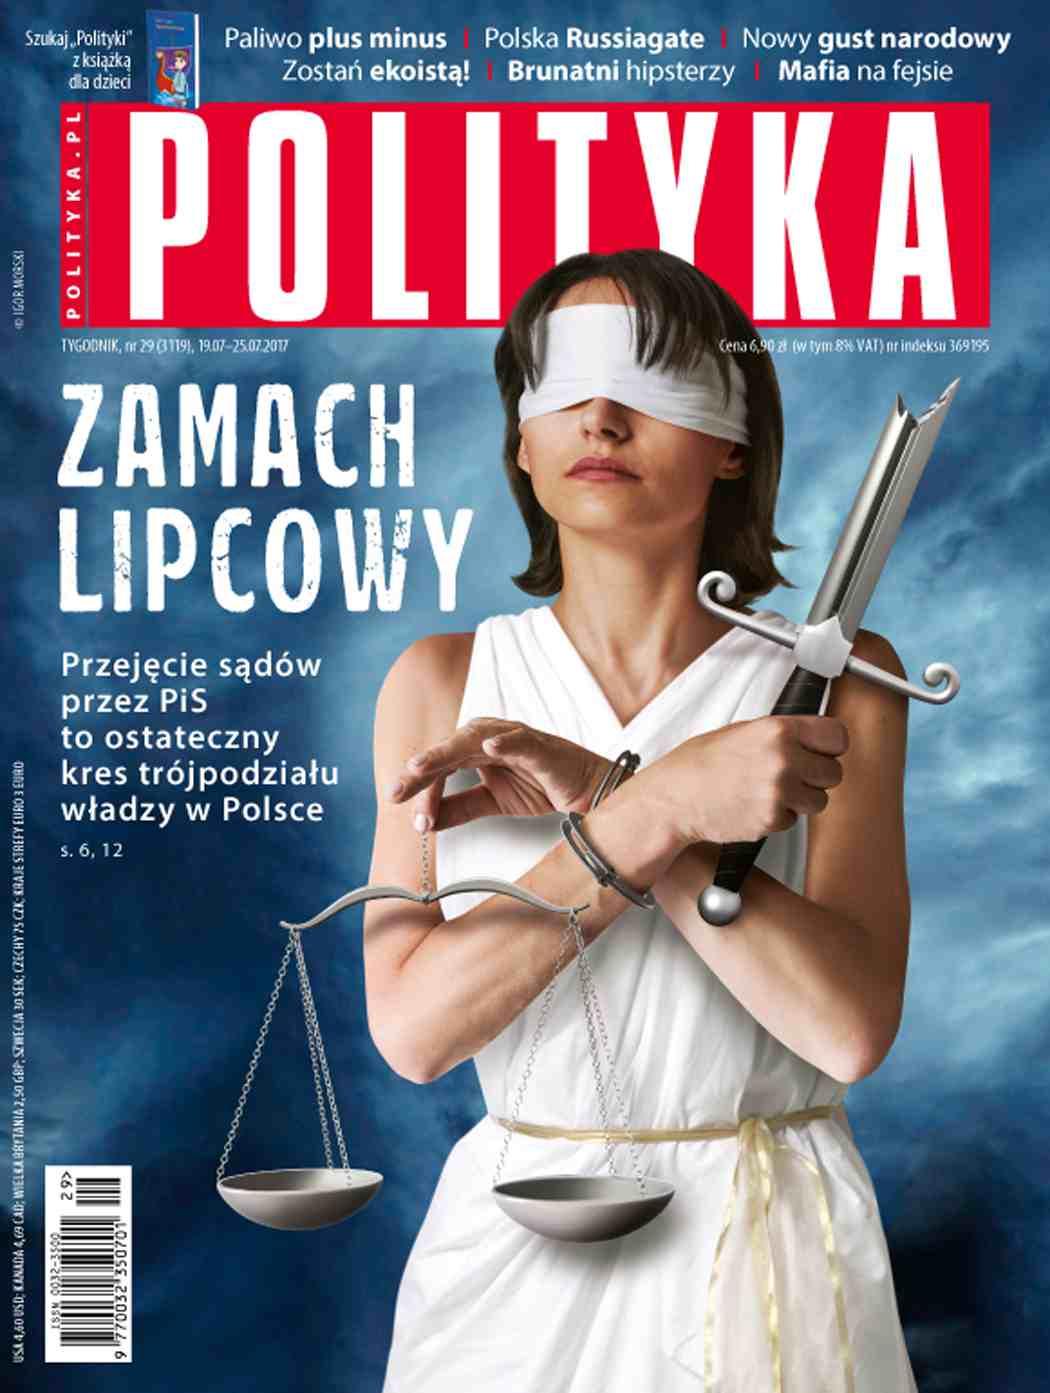 Polityka nr 29/2017 - Ebook (Książka PDF) do pobrania w formacie PDF